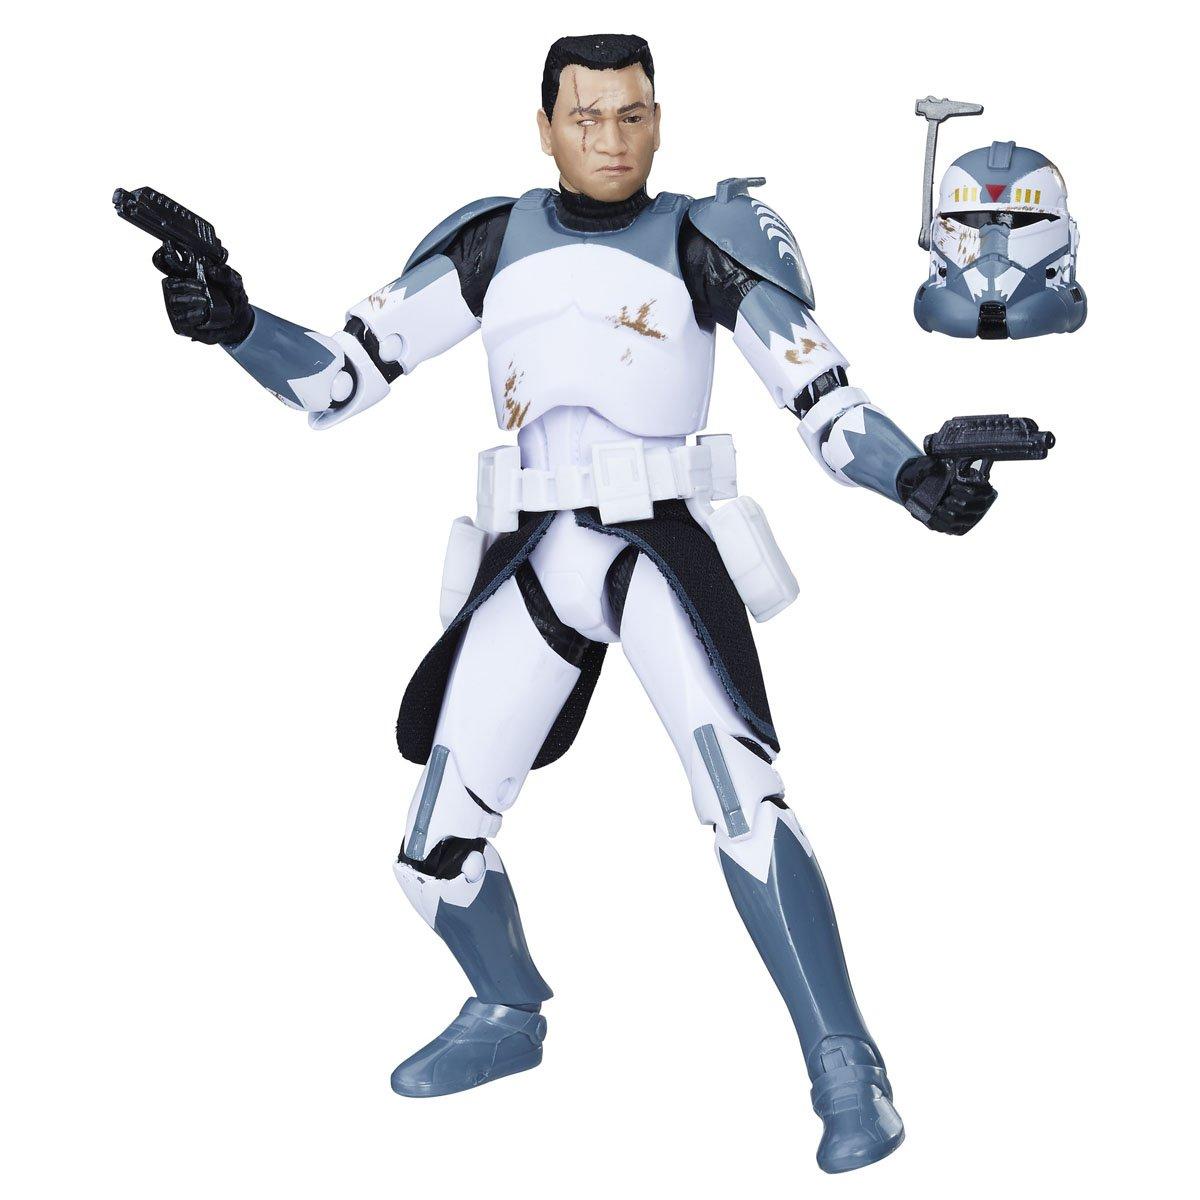 Star Wars Figura de Acción Commander Wolff The Black Series Hasbro